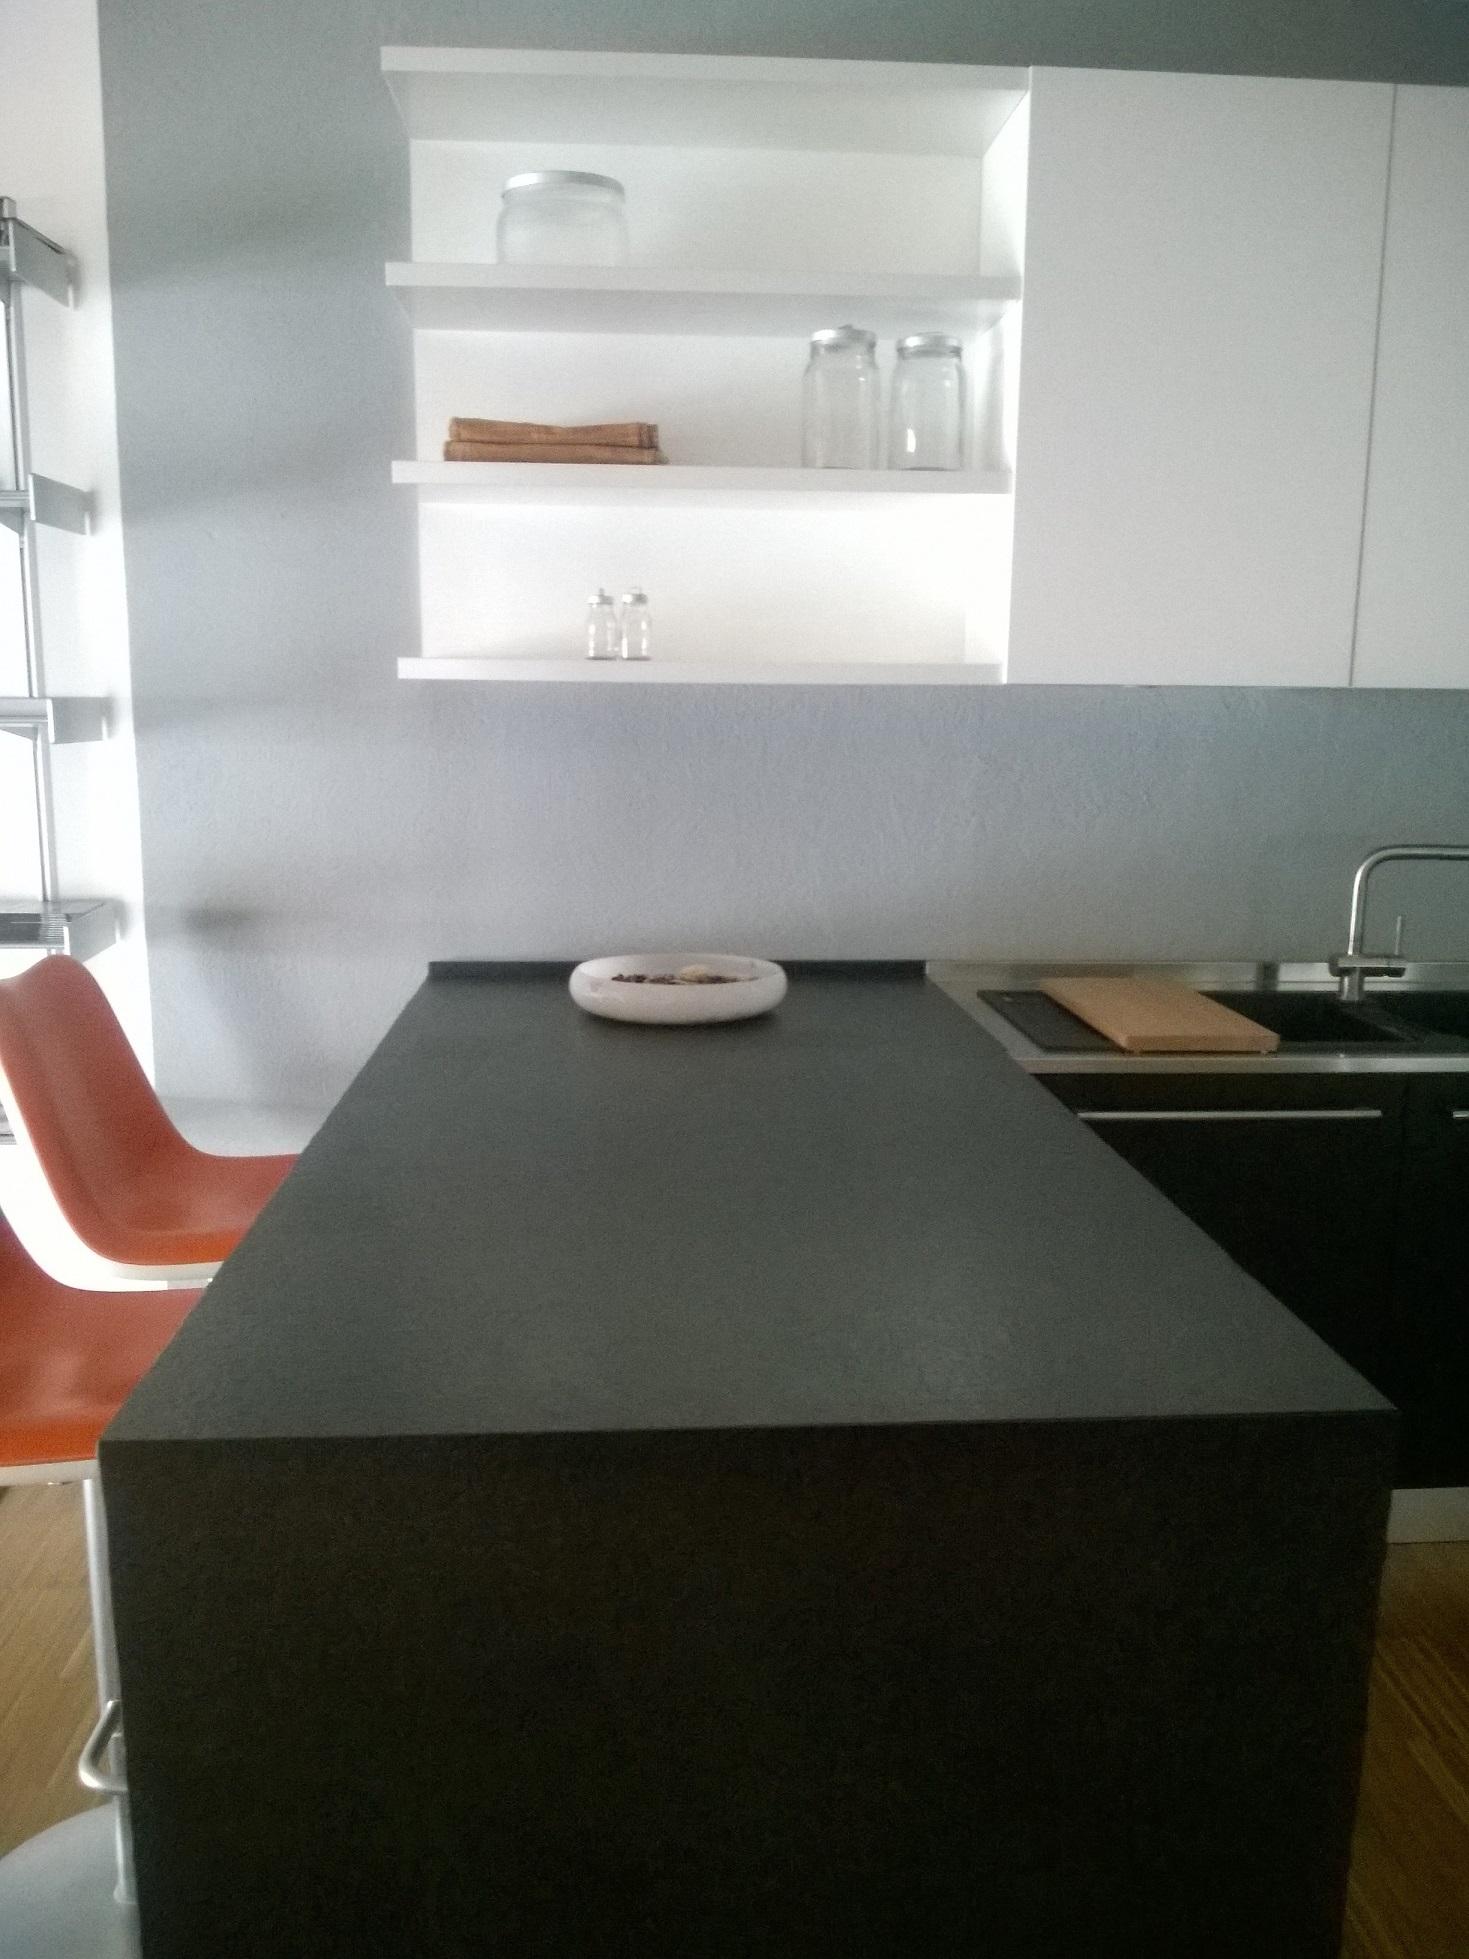 Stunning Cucine Bontempi Catalogo Ideas - ubiquitousforeigner.us ...